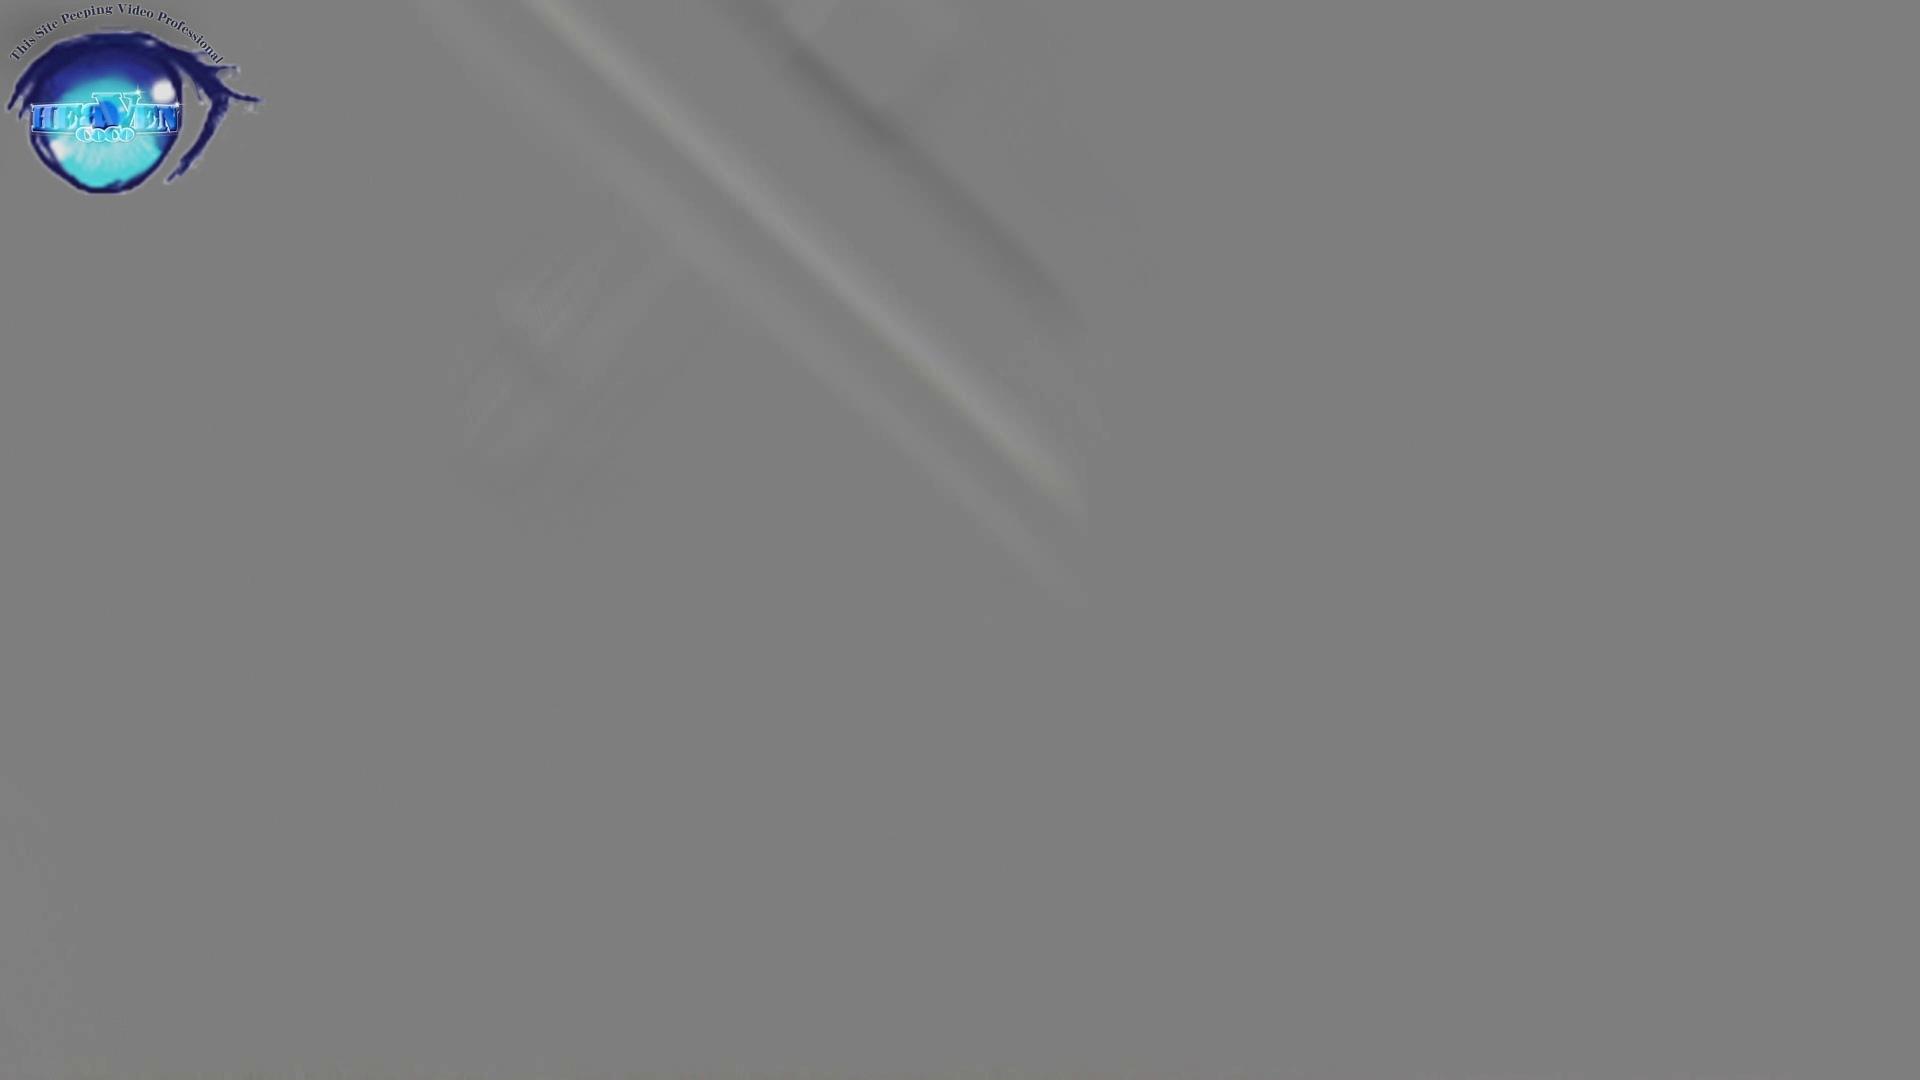 お銀さん vol.59 ピンチ!!「鏡の前で祈る女性」にばれる危機 前編 OLセックス  86画像 46